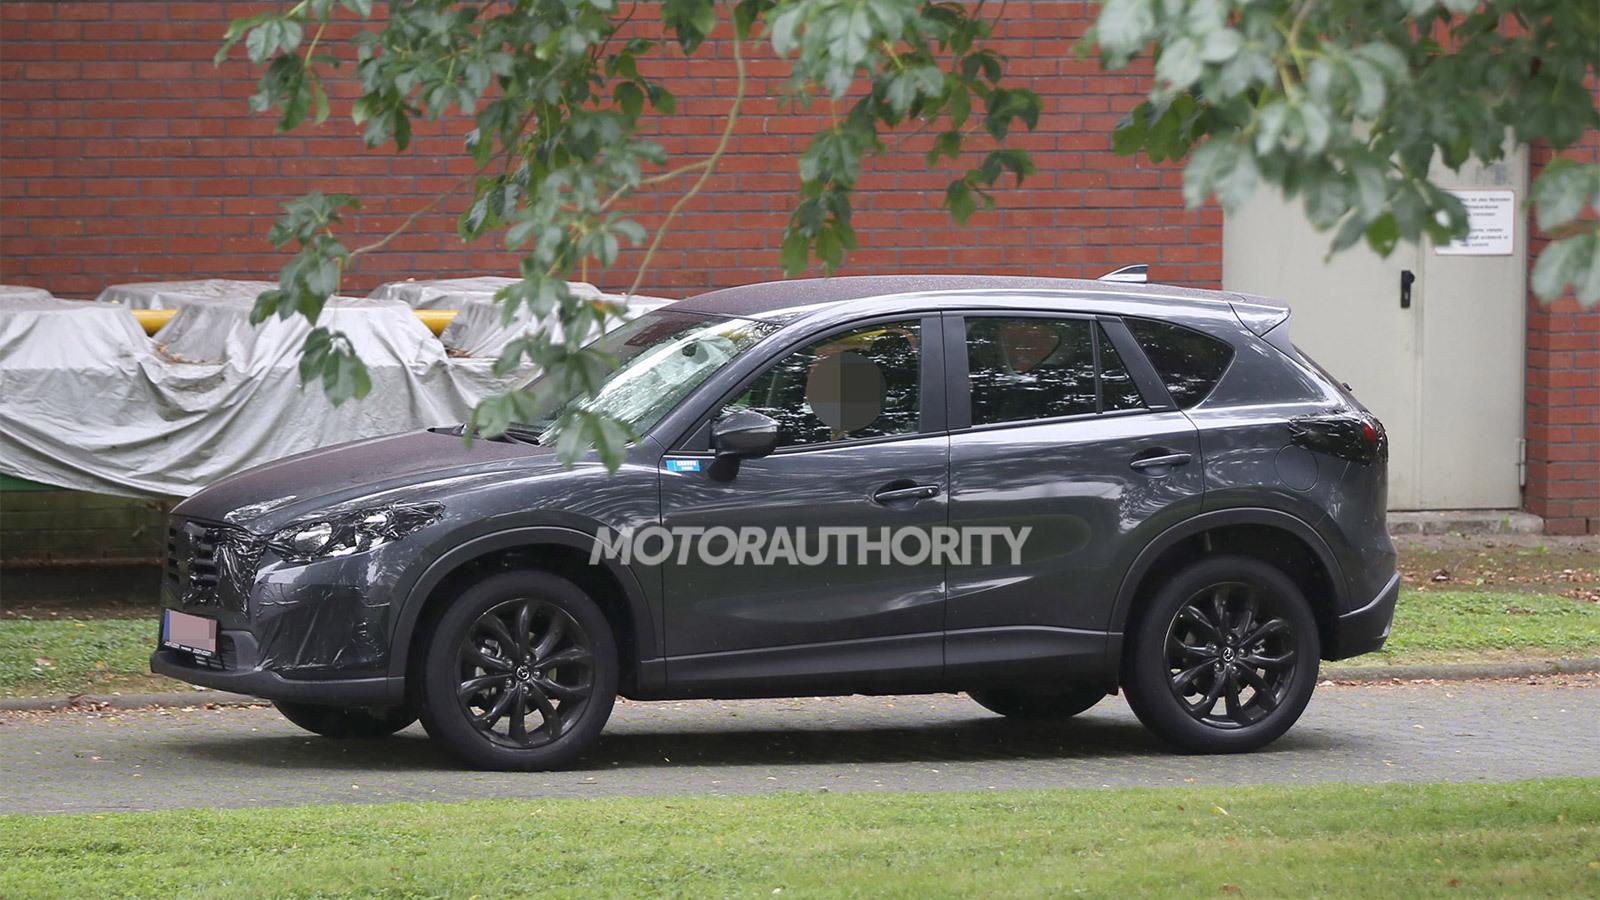 2016 Mazda CX-5 facelift spy shots